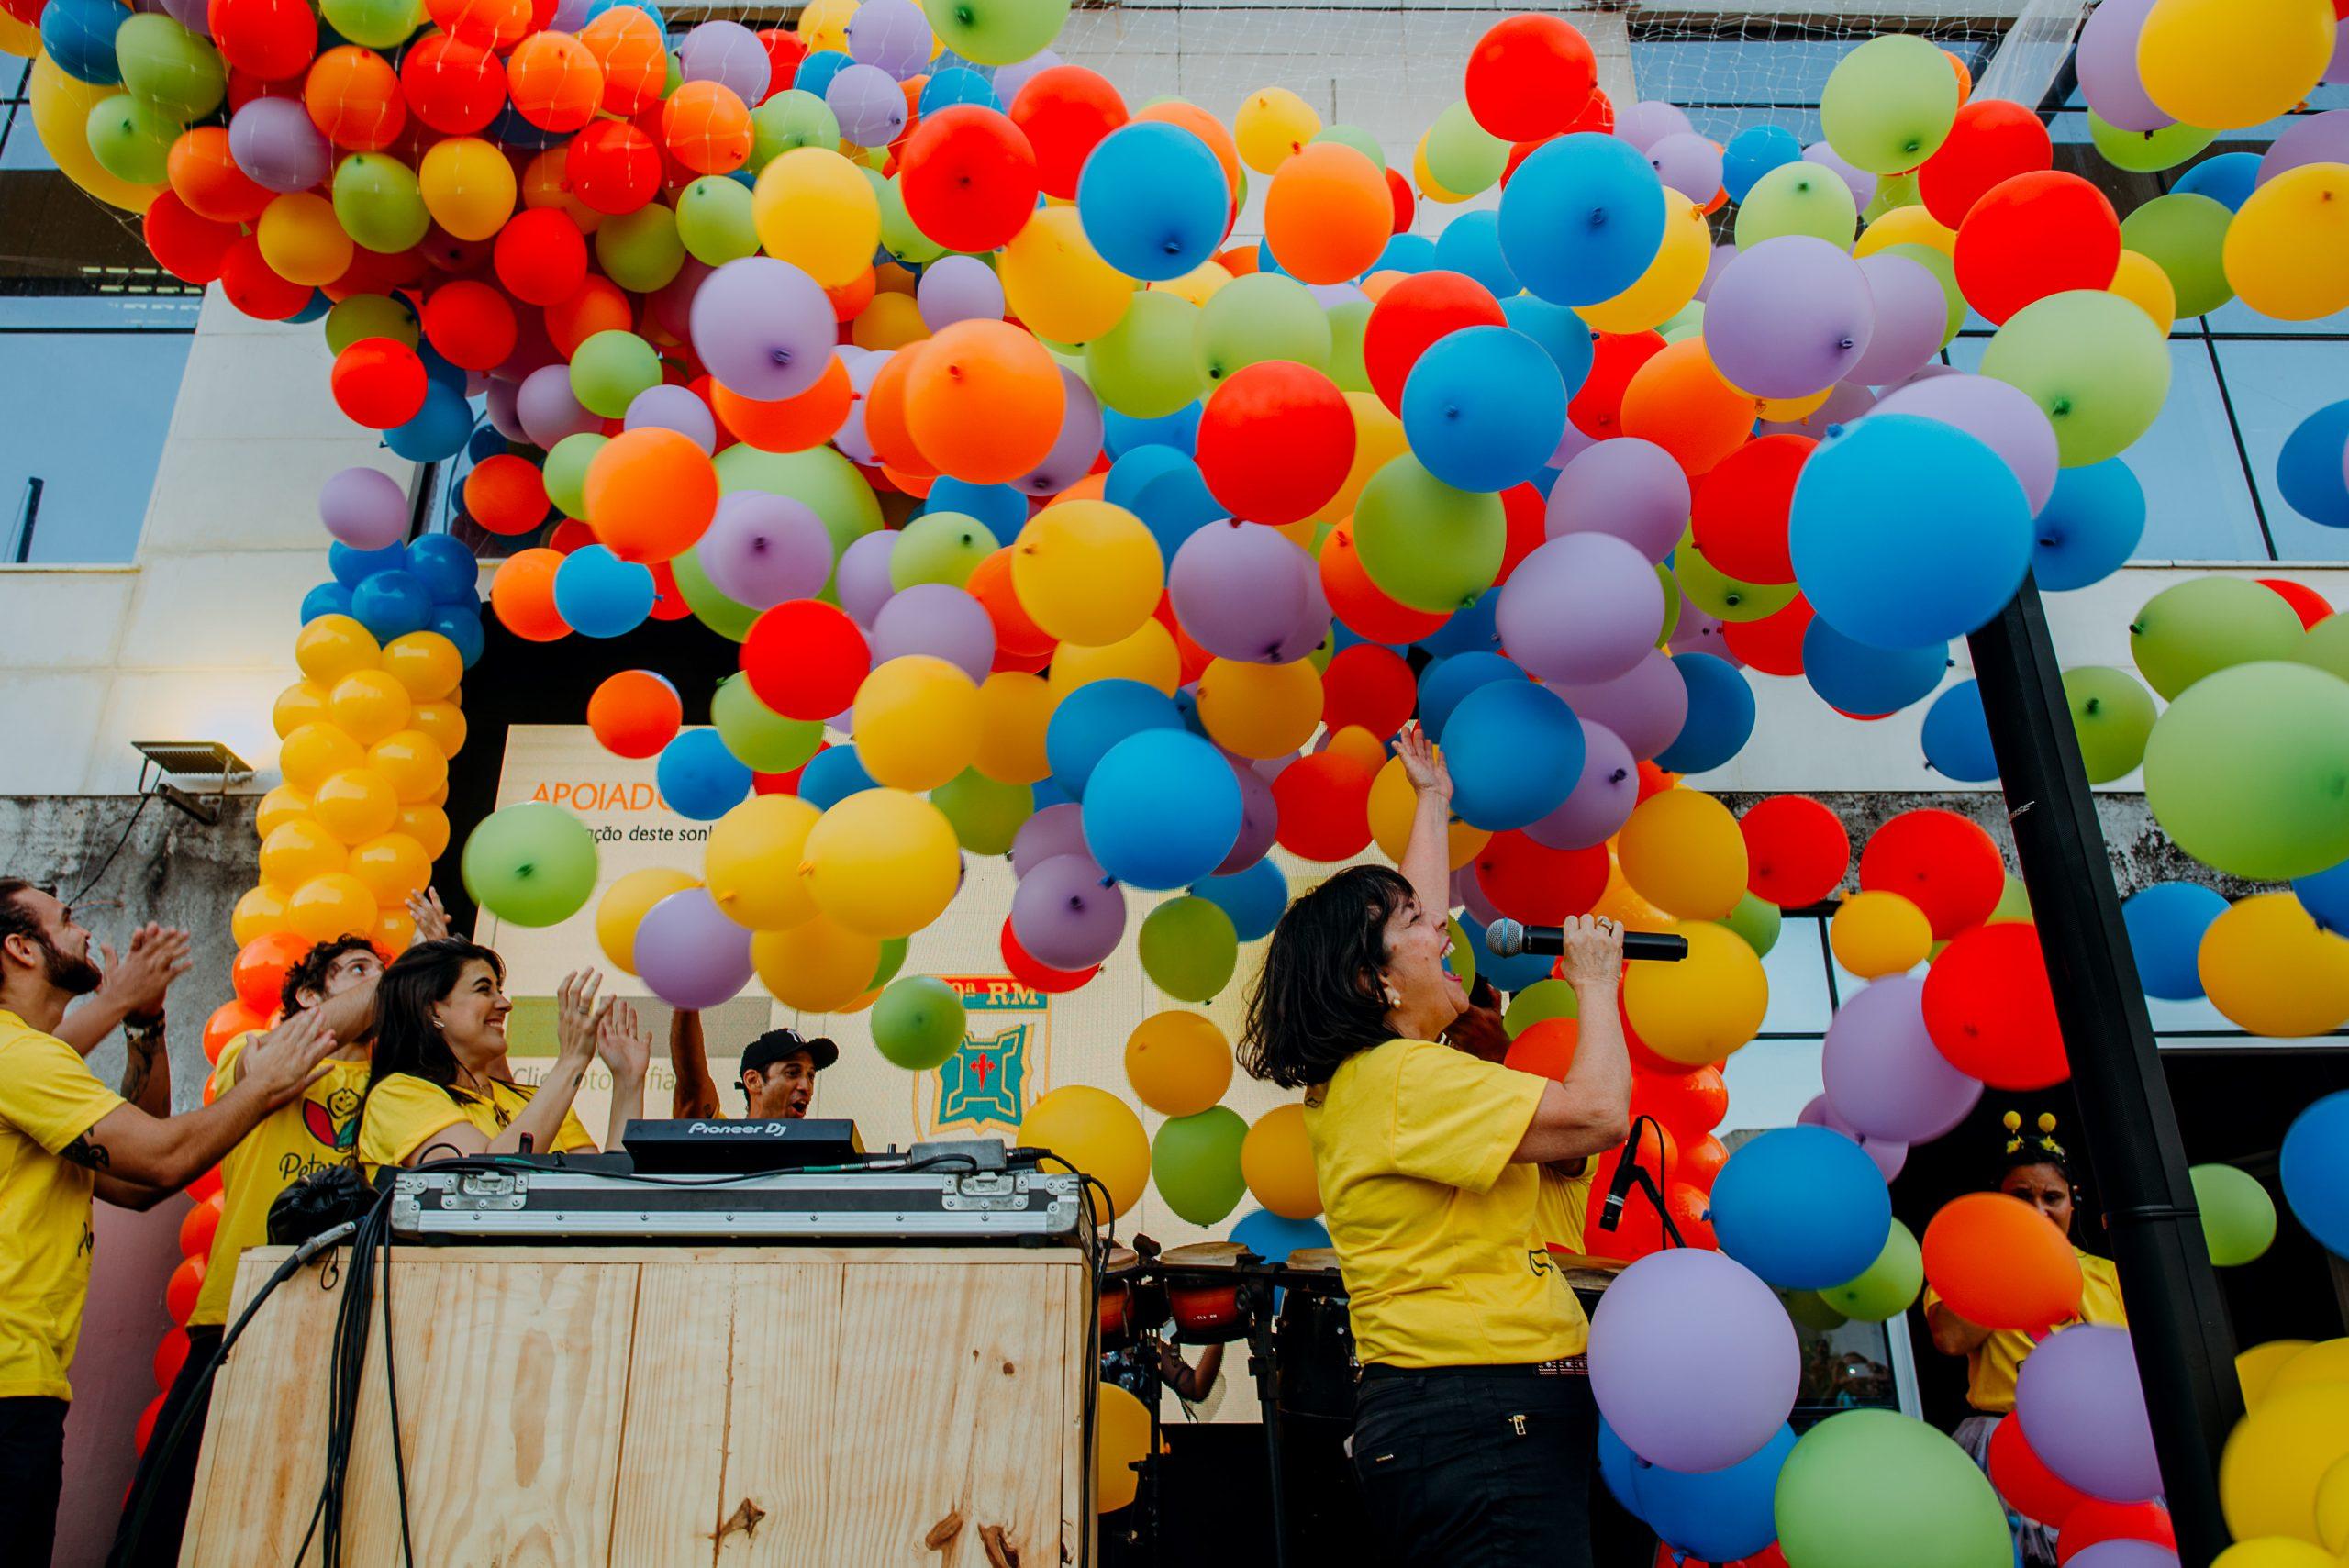 Associação Peter Pan completa 25 anos e celebra com programa especial